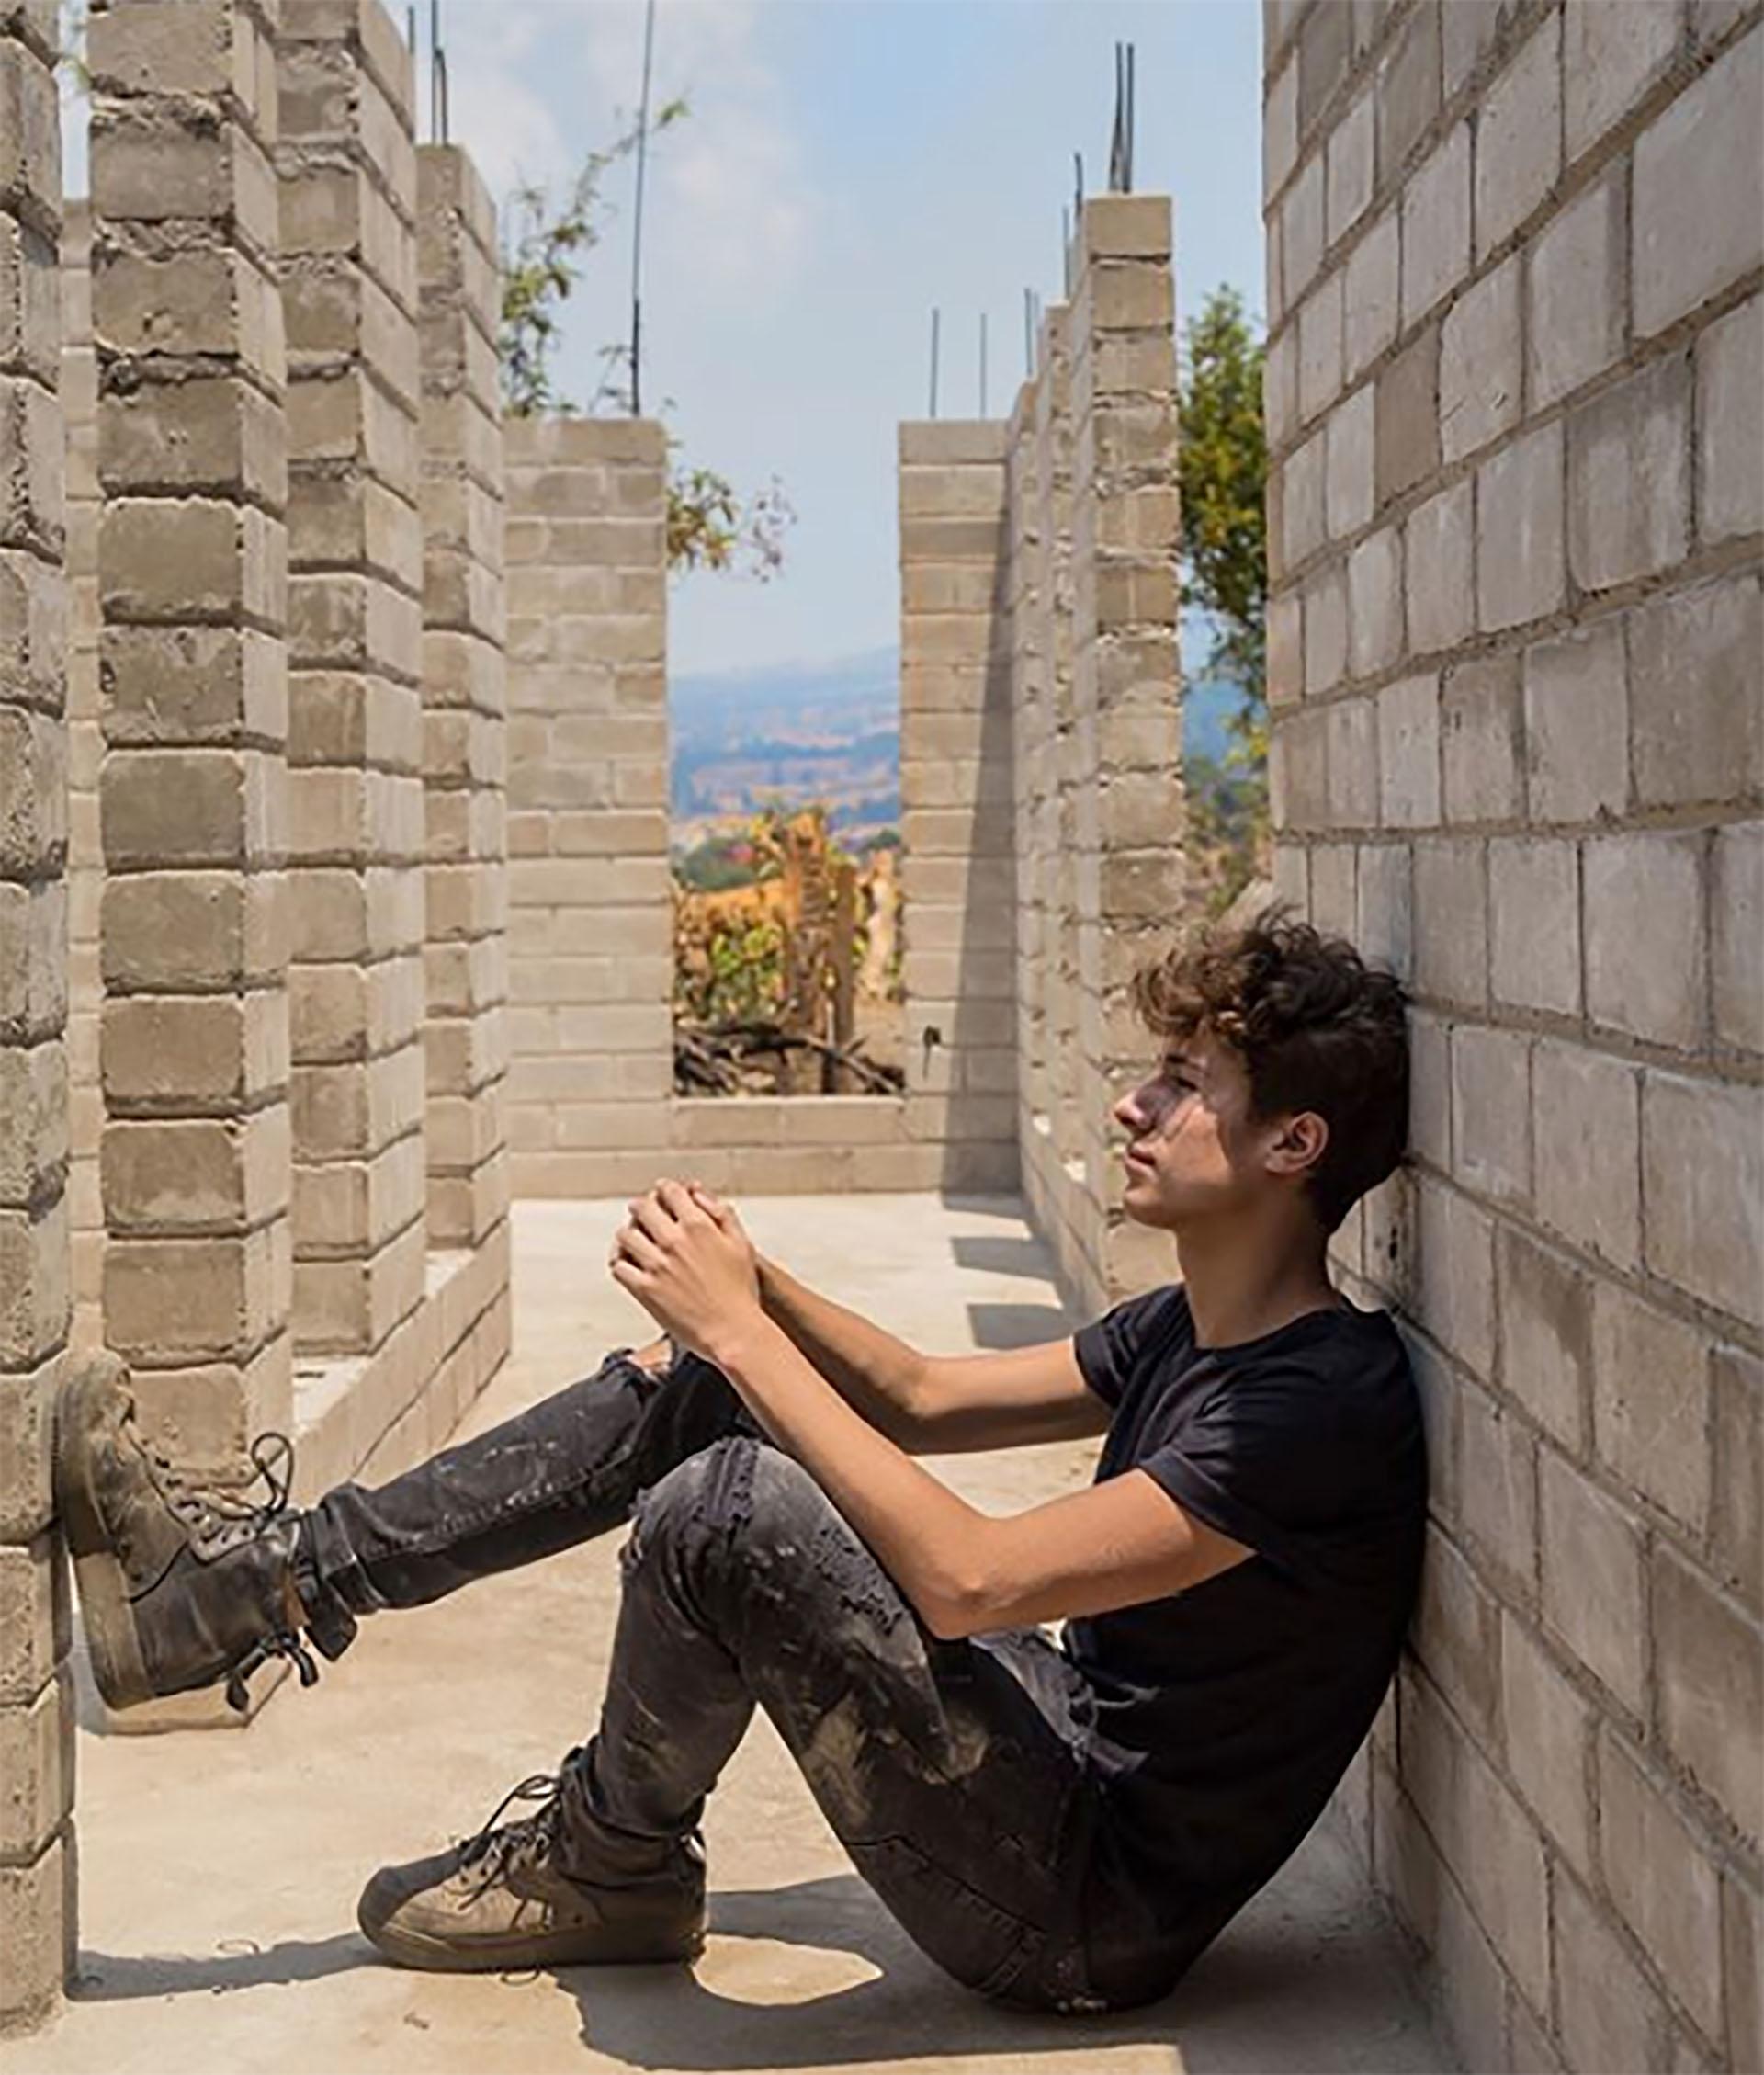 Fotos que Zurita ha posteado en su cuenta de Instagram sobre los avances en la obra